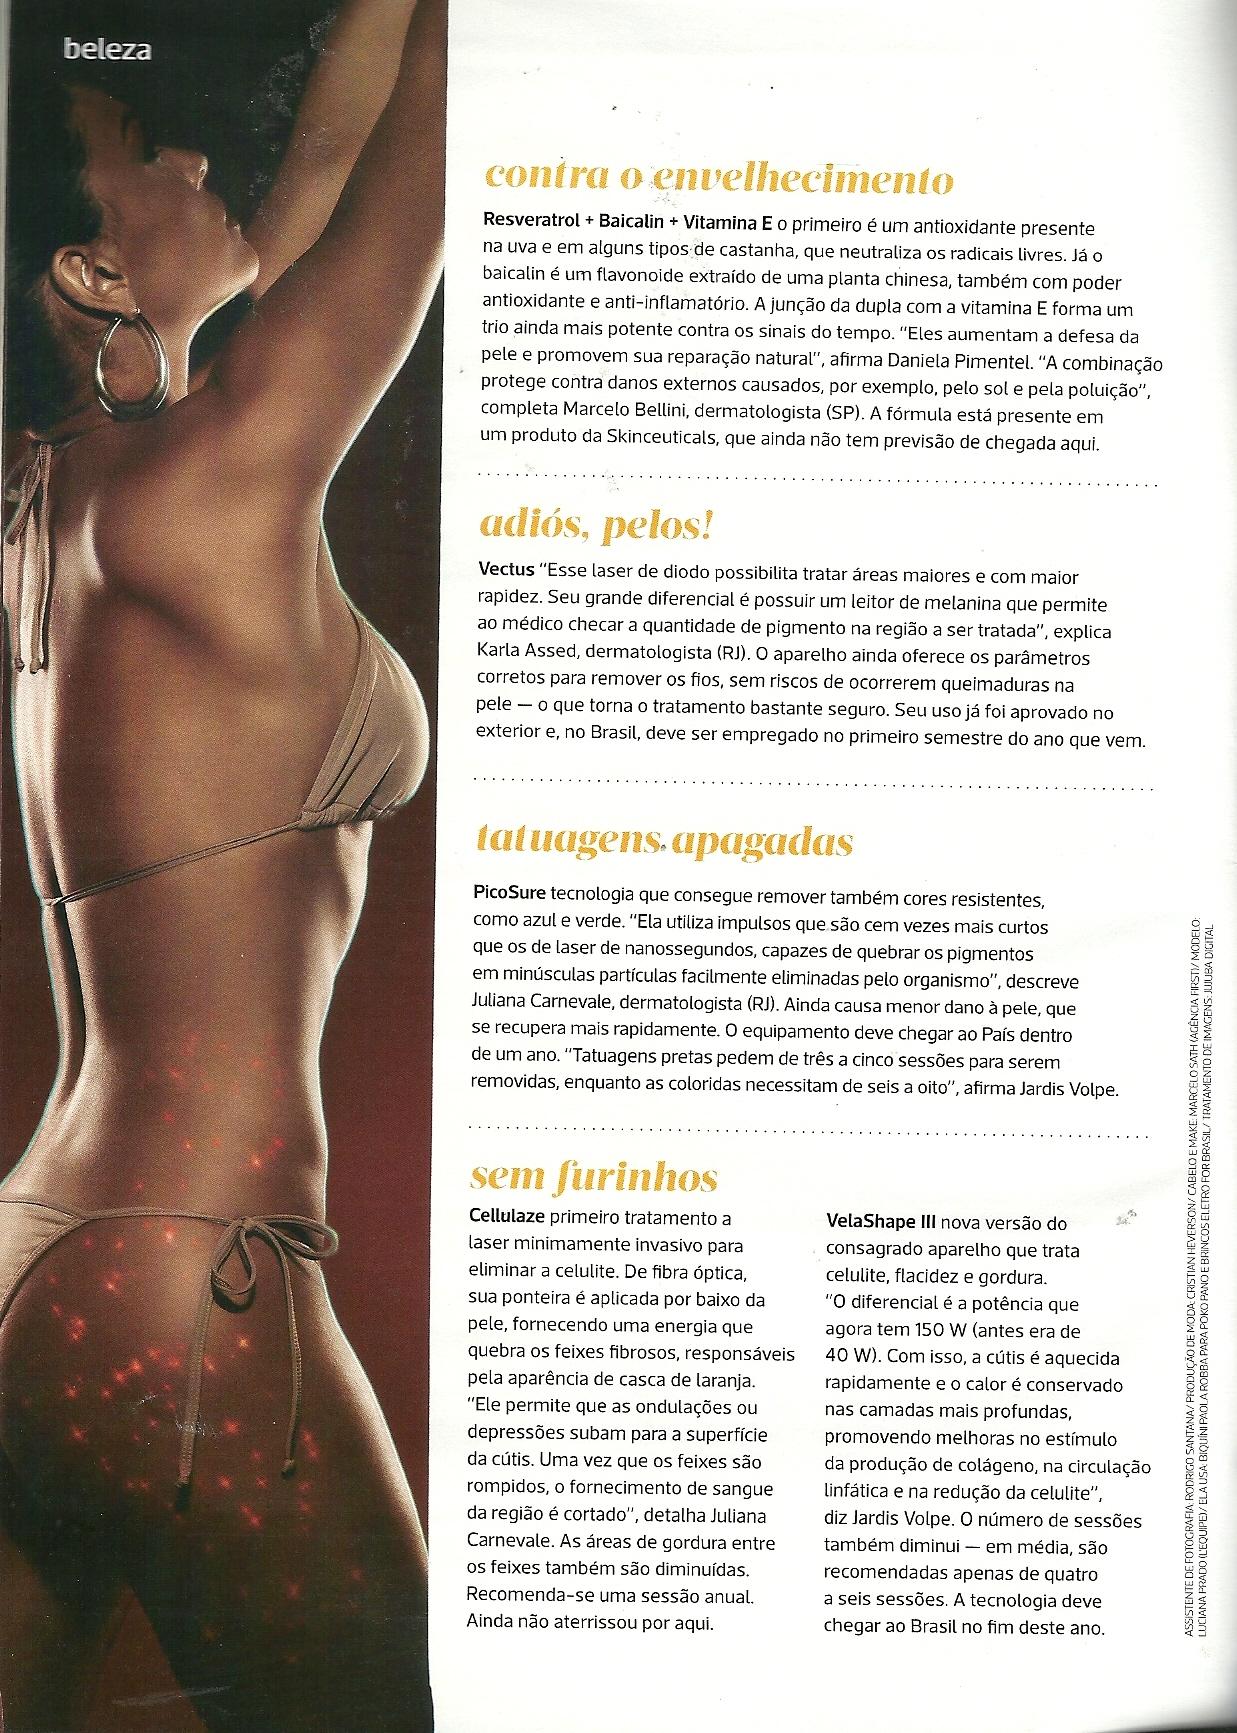 corpo a corpo3